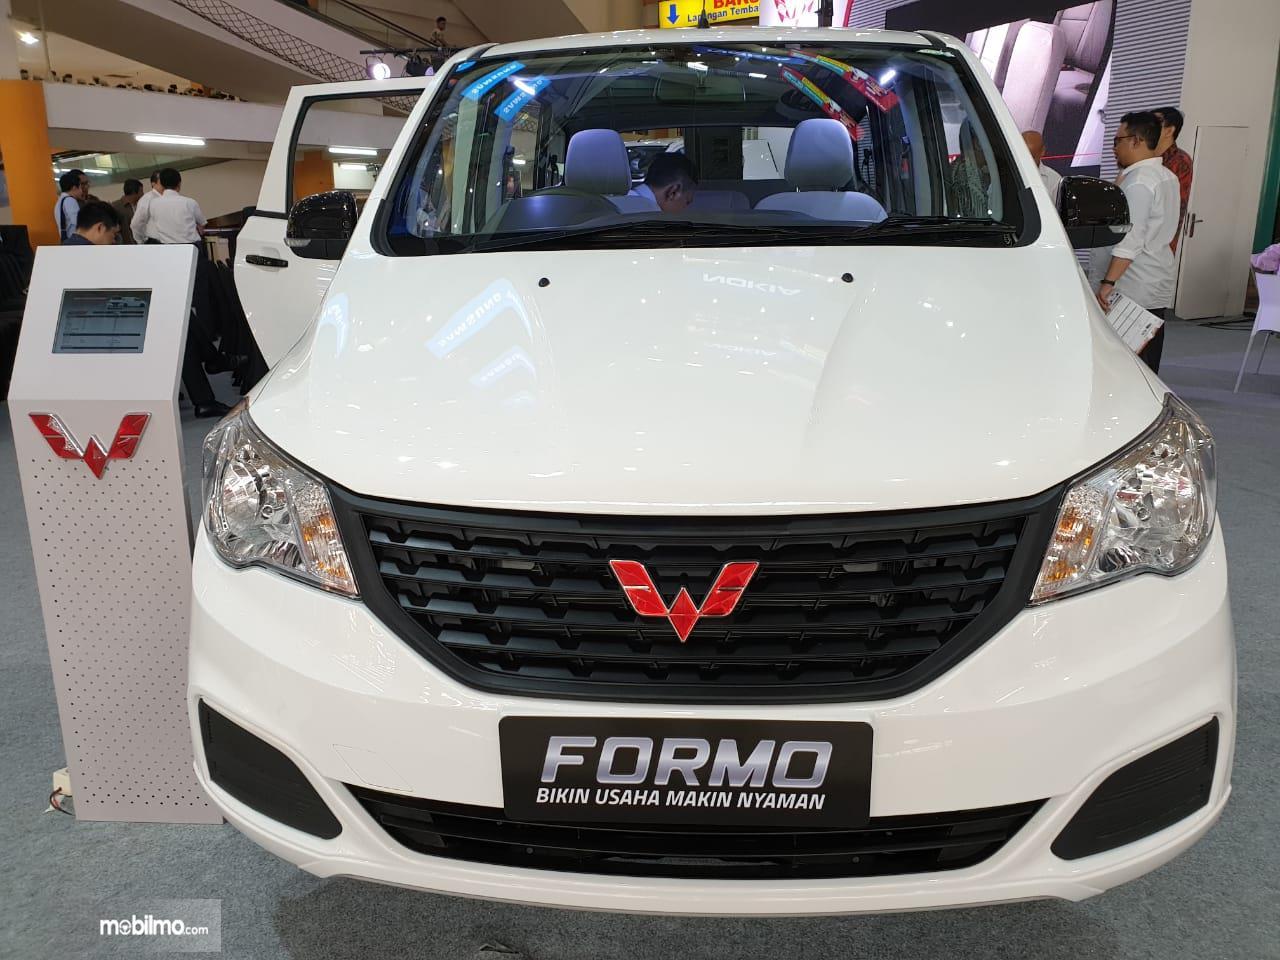 Tampilan depan sebuah Wuling Formo Passanger Van 2018